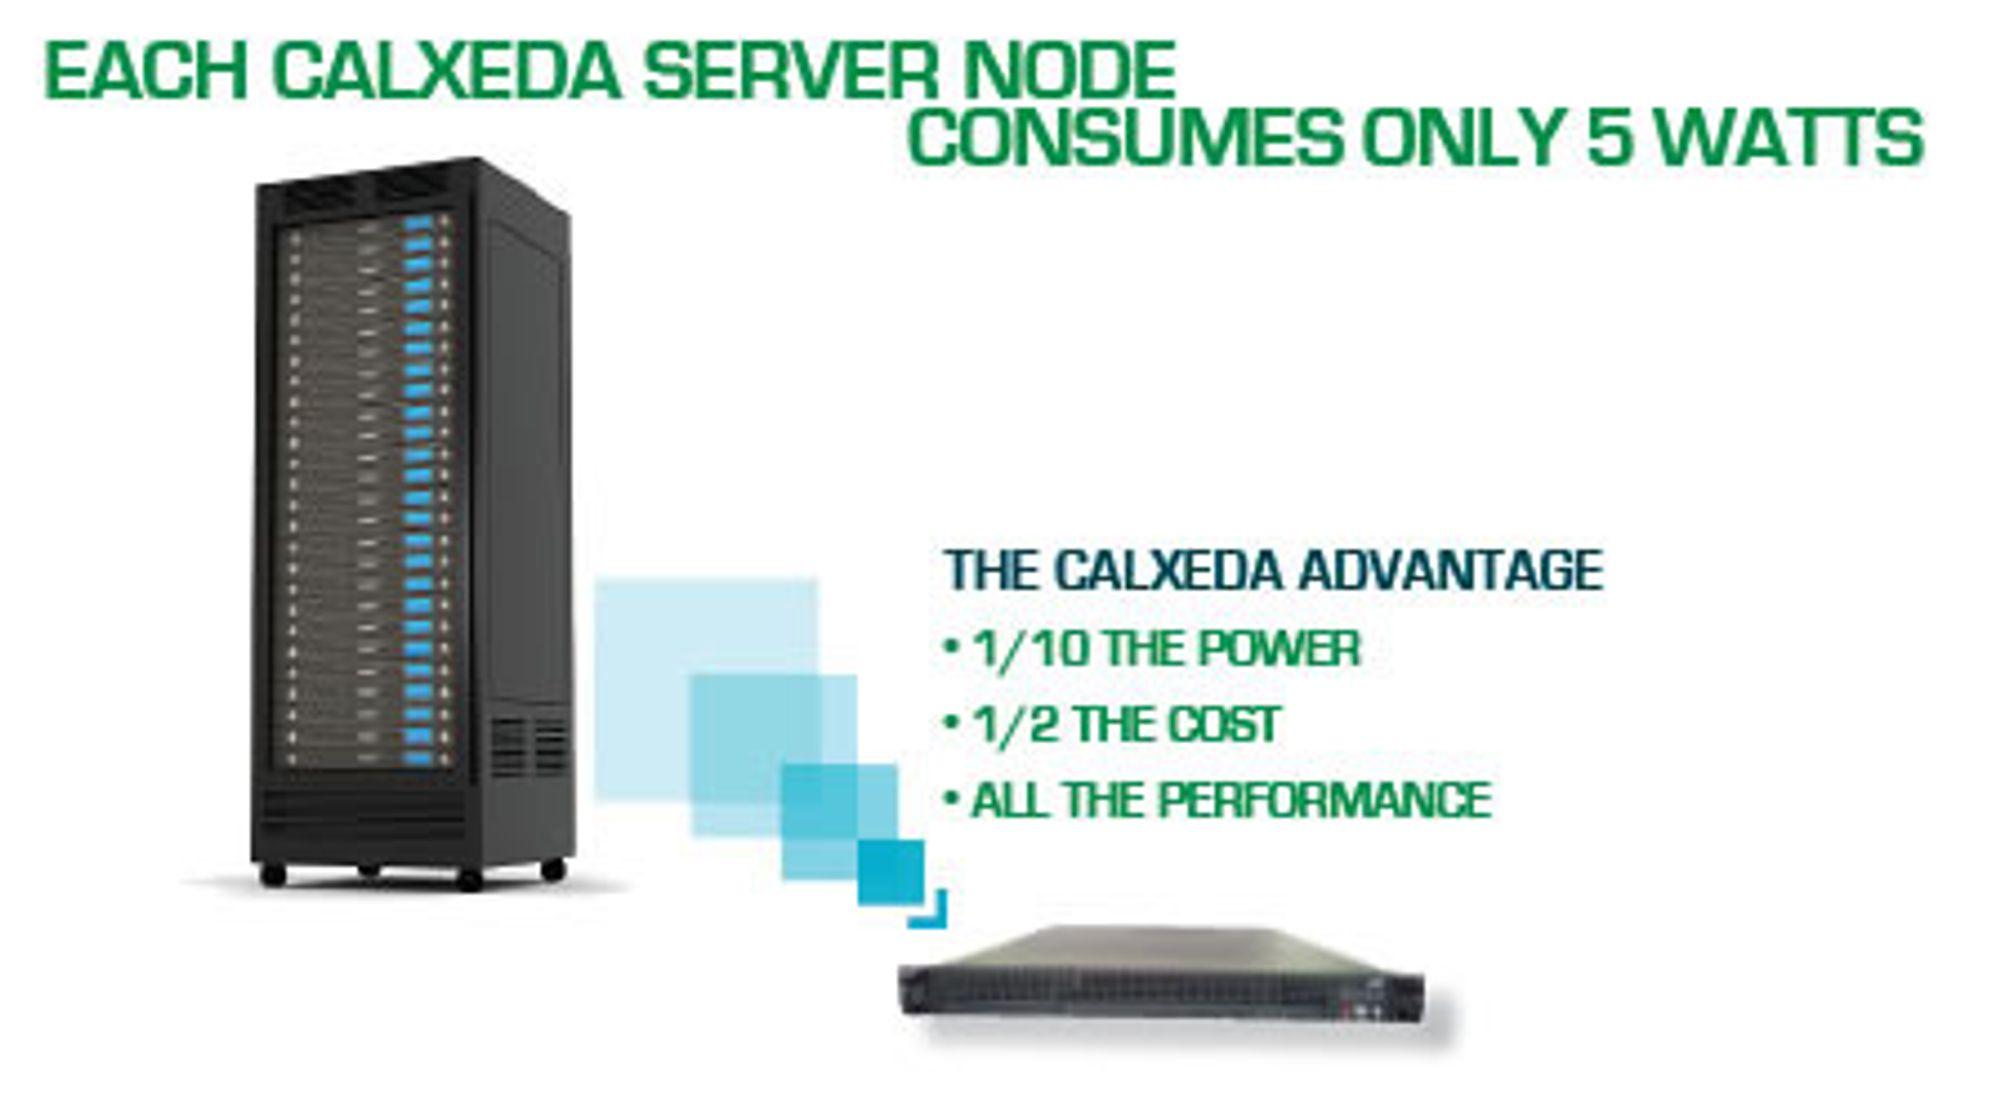 Slik illustrerer Calxeda fordelene med en ny ARM-basert serverarkitektur, med bedre balanse mellom beregning, minne, nettverk og lagring. 2U-enheten nederst til høyre består av 120 noder, hver med en firekjernet ARM-prosessor.